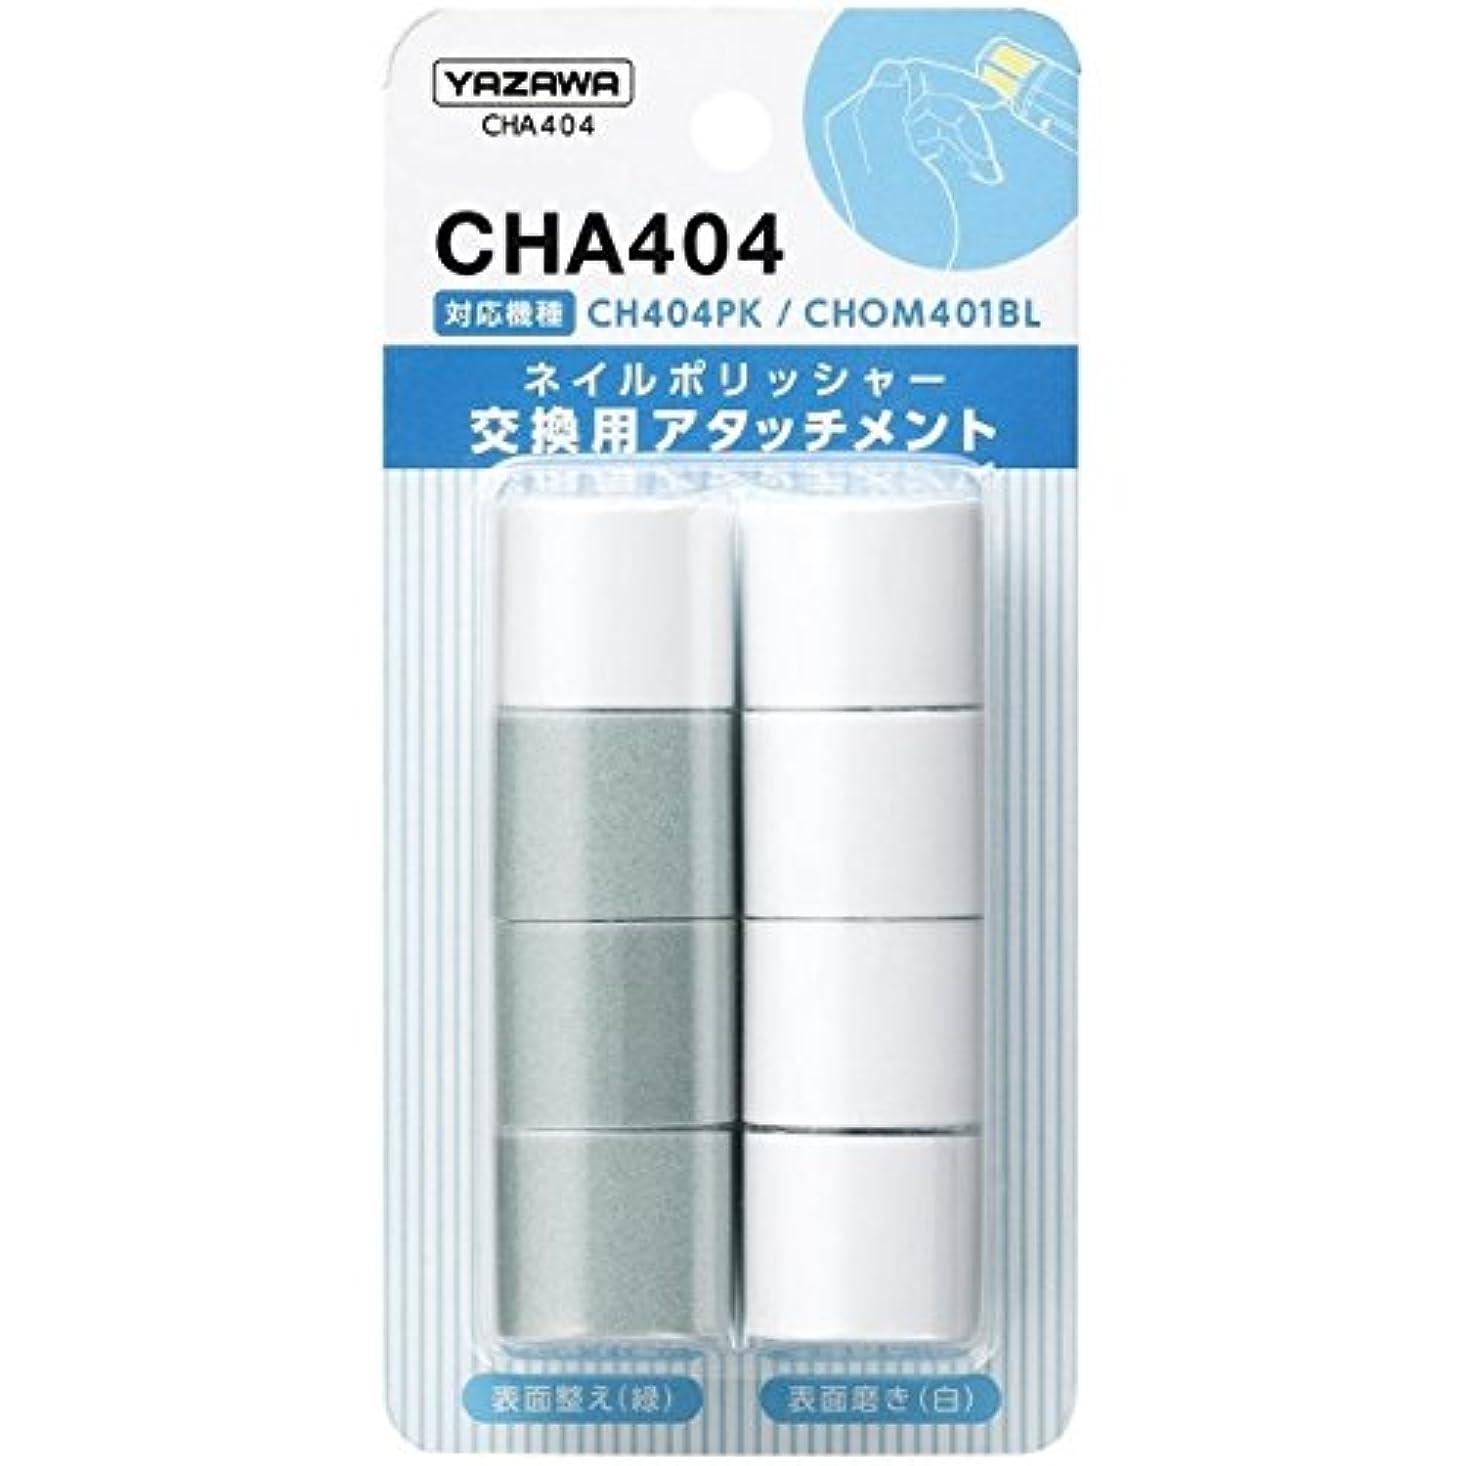 アラビア語流出背景YAZAWA(ヤザワコーポレーション) ネイルポリッシャー交換用アタッチメント CHA404